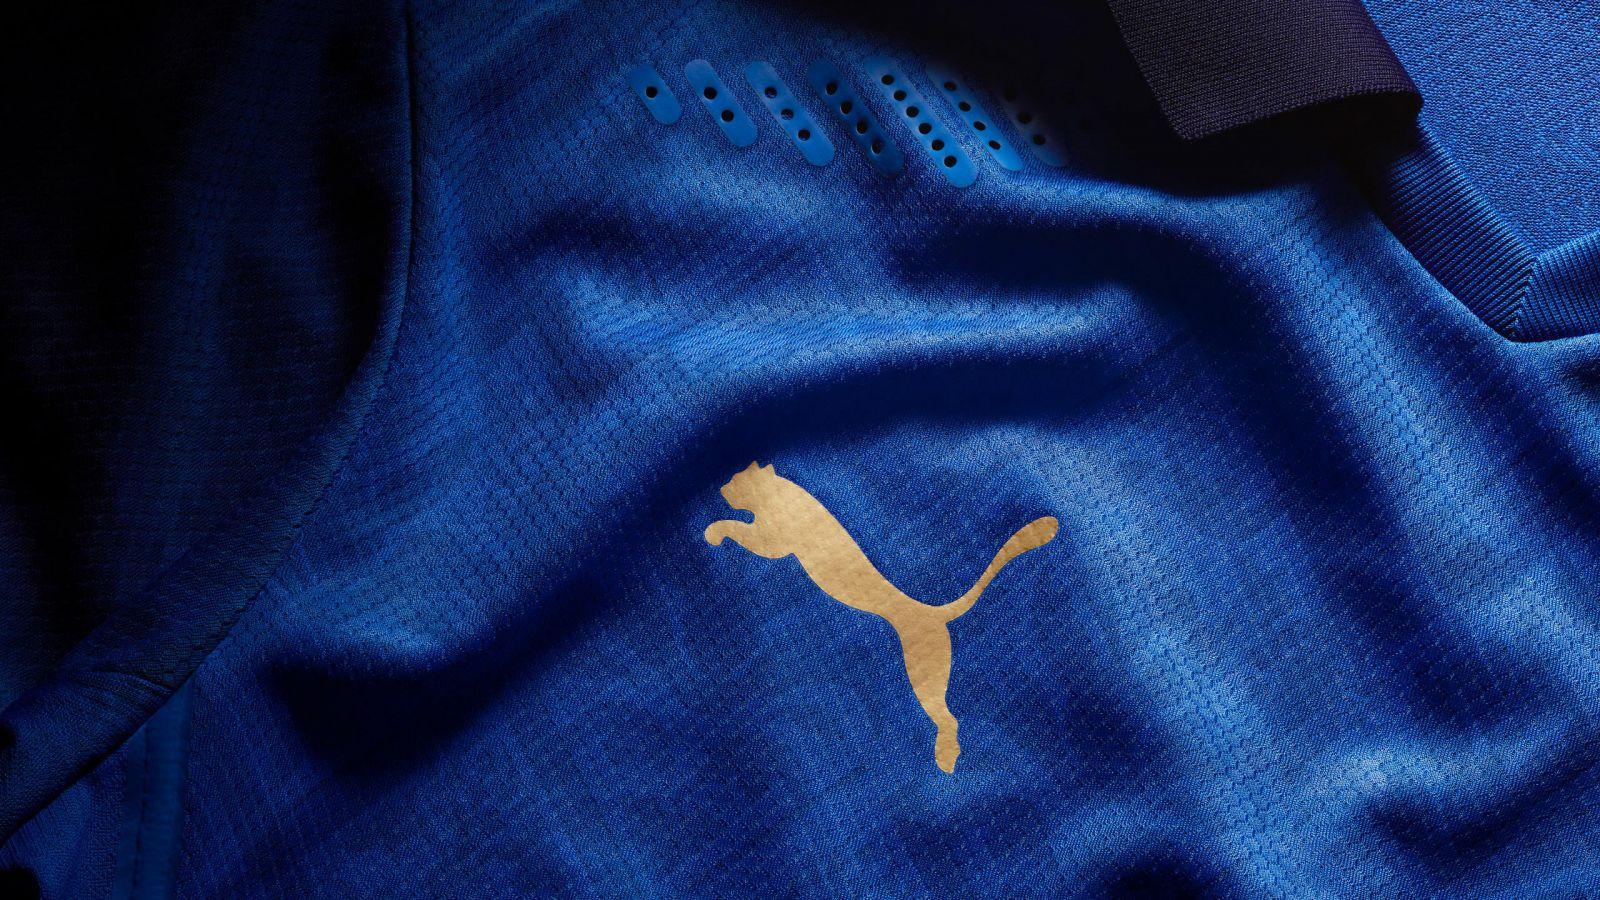 意大利队发布新版主场球衣,设计灵感源自文艺复兴